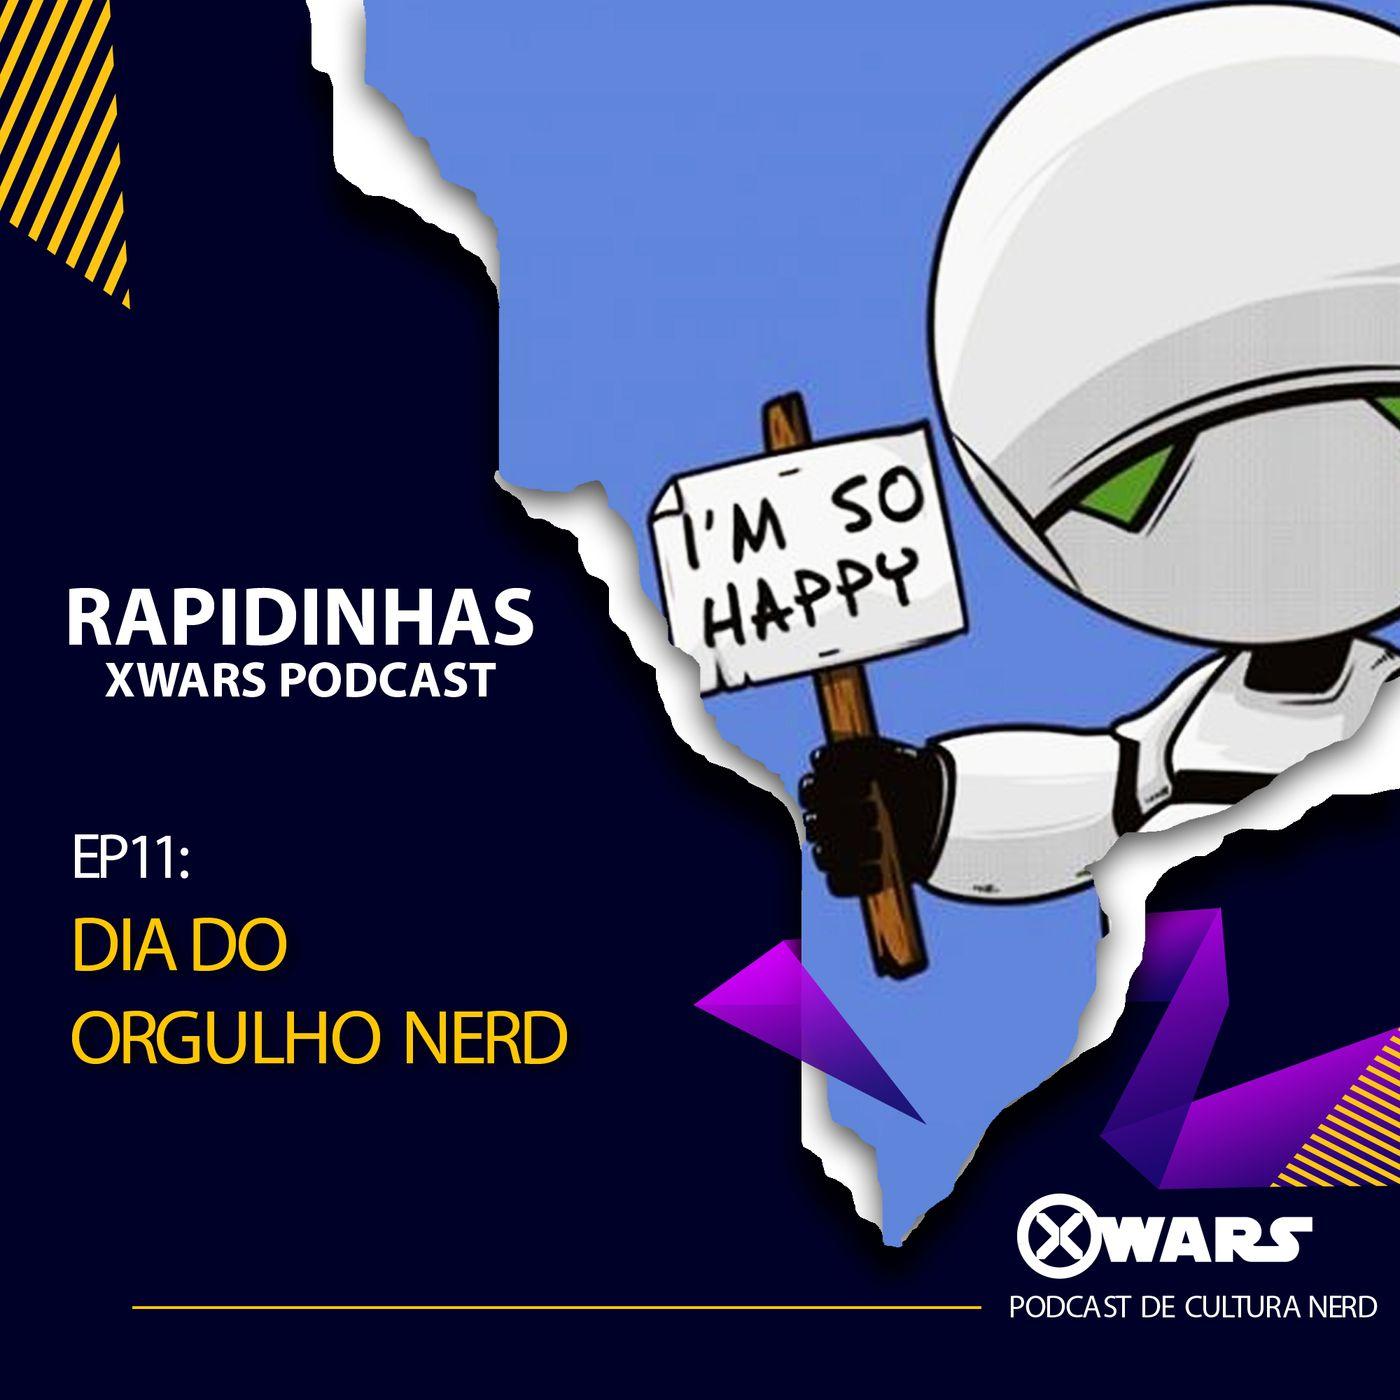 XWARS RAPIDINHAS #11 Dia do Orgulho Nerd